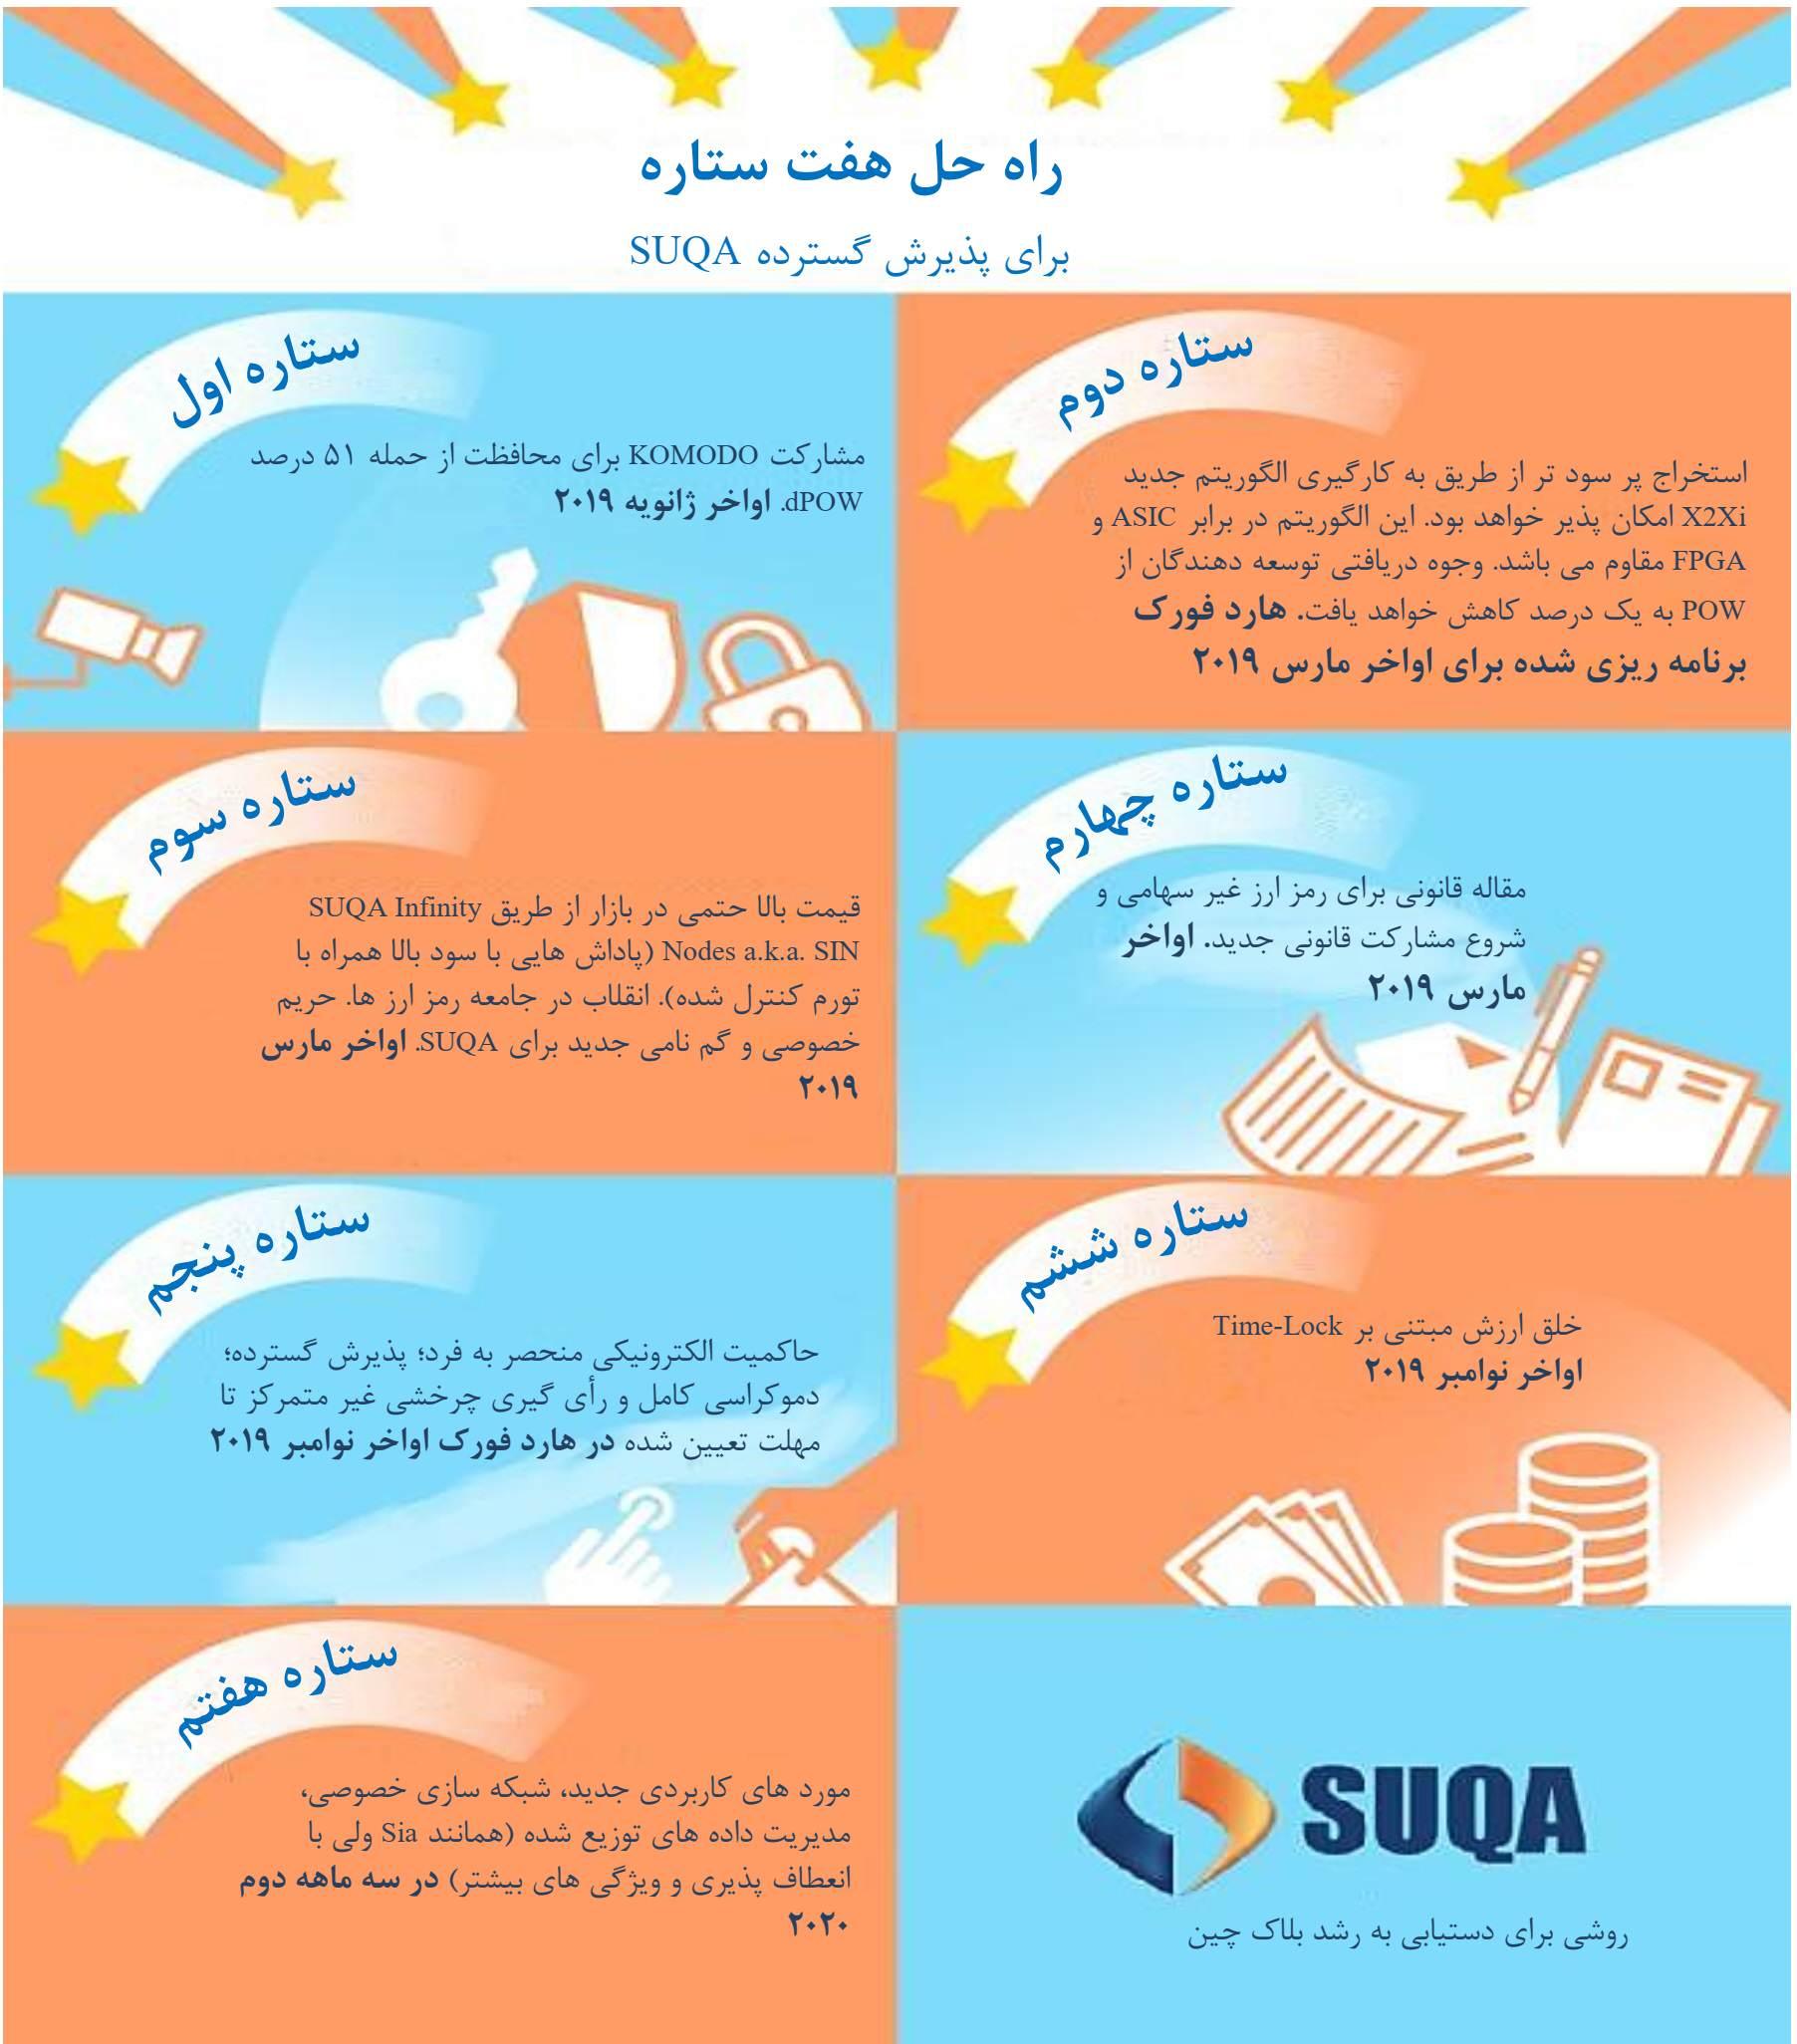 انتشار نسخه دوم نقشه راه رمز ارز بشر دوستانه SUQA